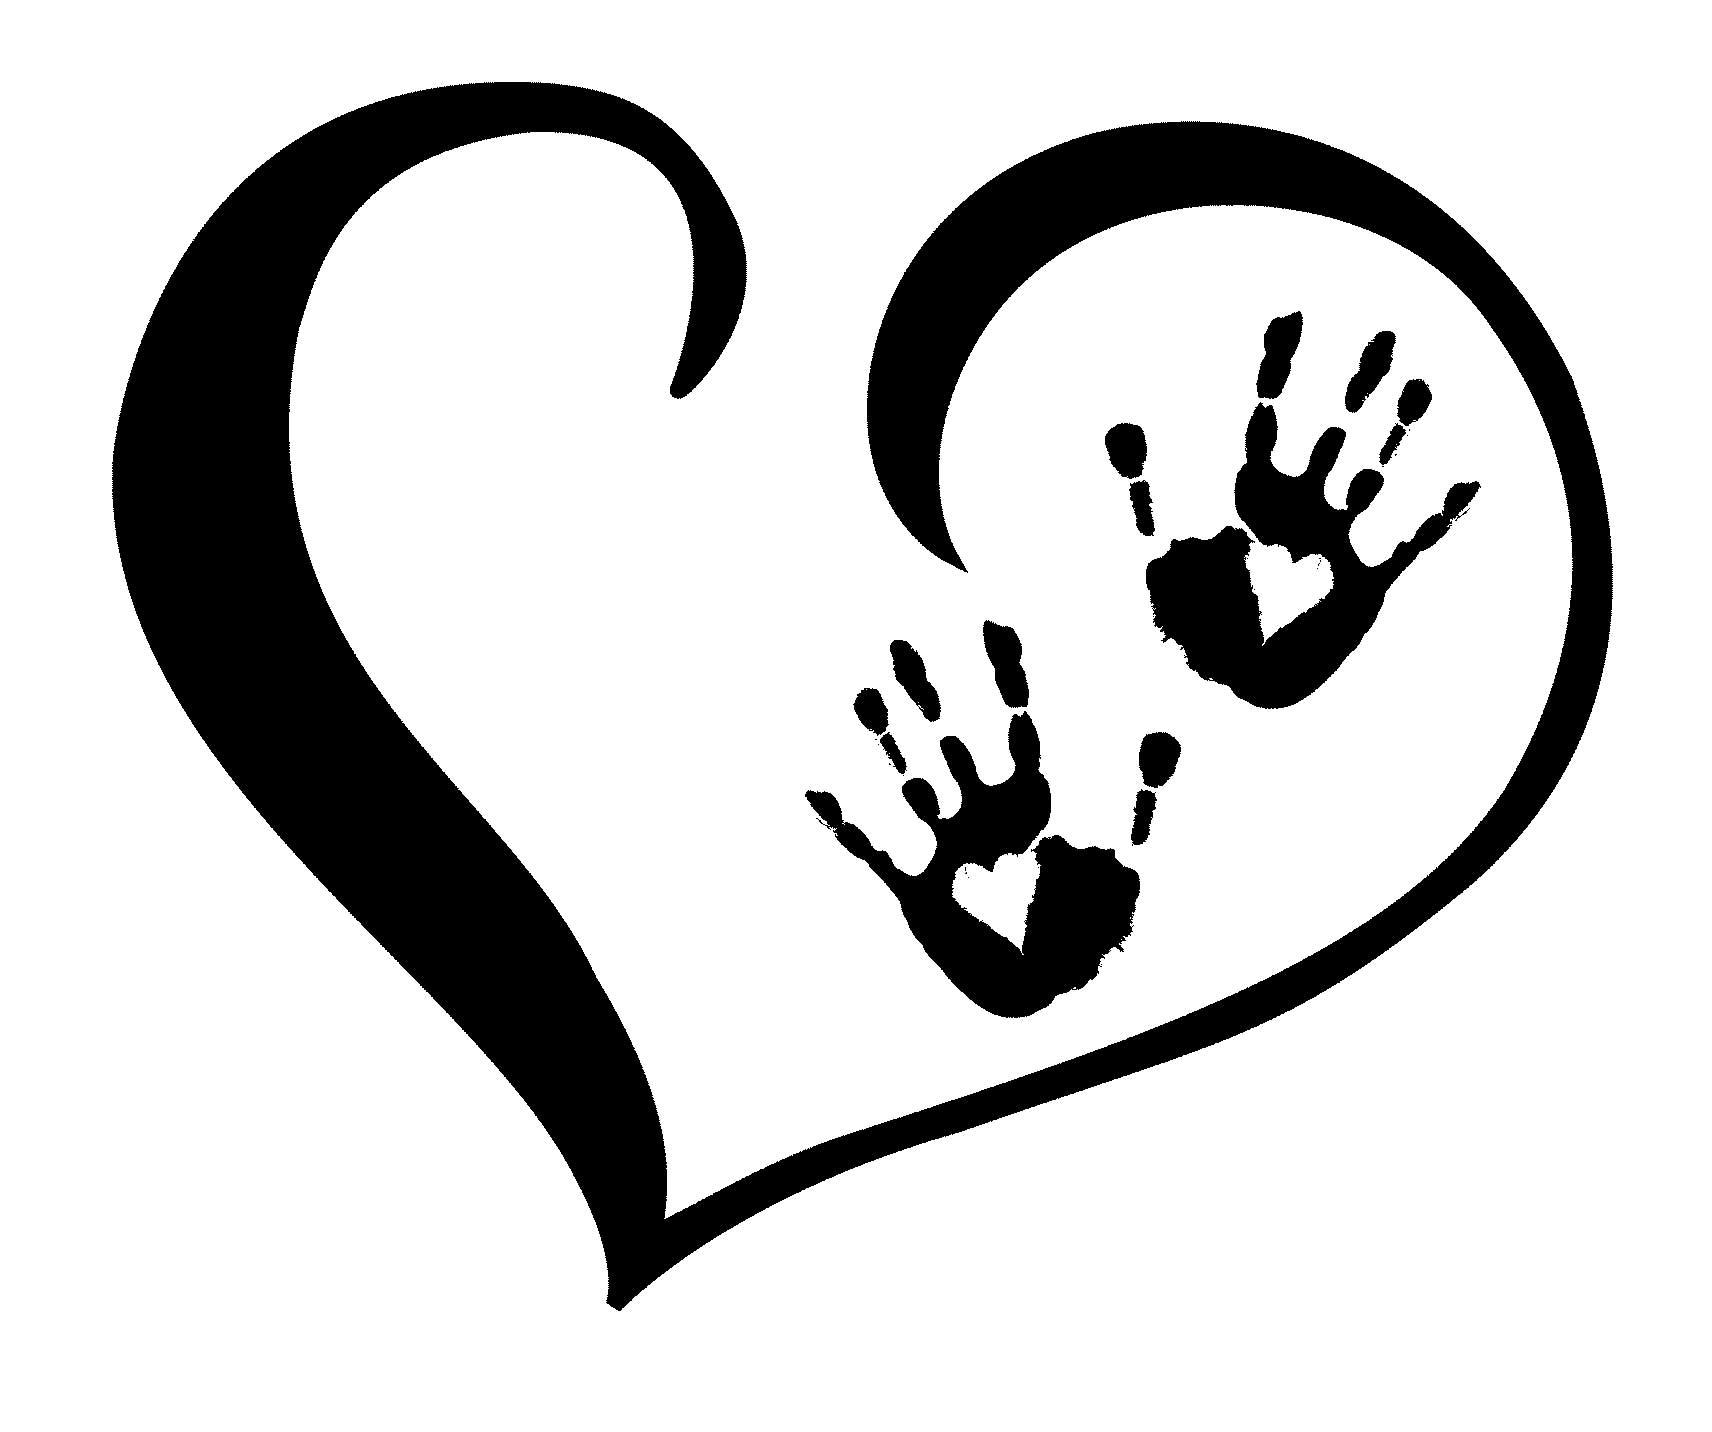 1712x1432 Handprint Clipart Massage Hand